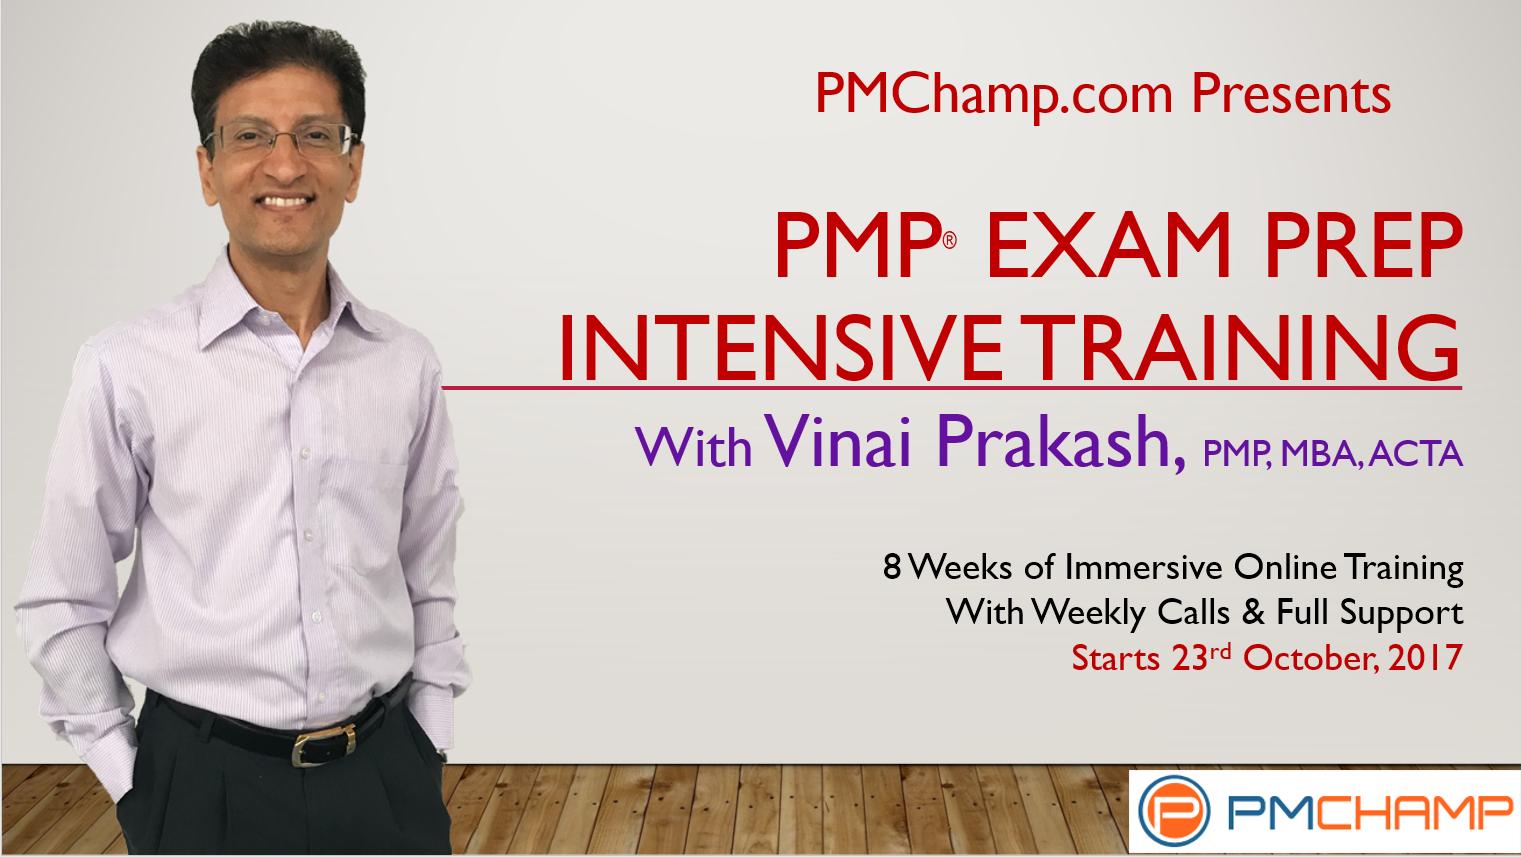 PMP Training With Vinai Prakash